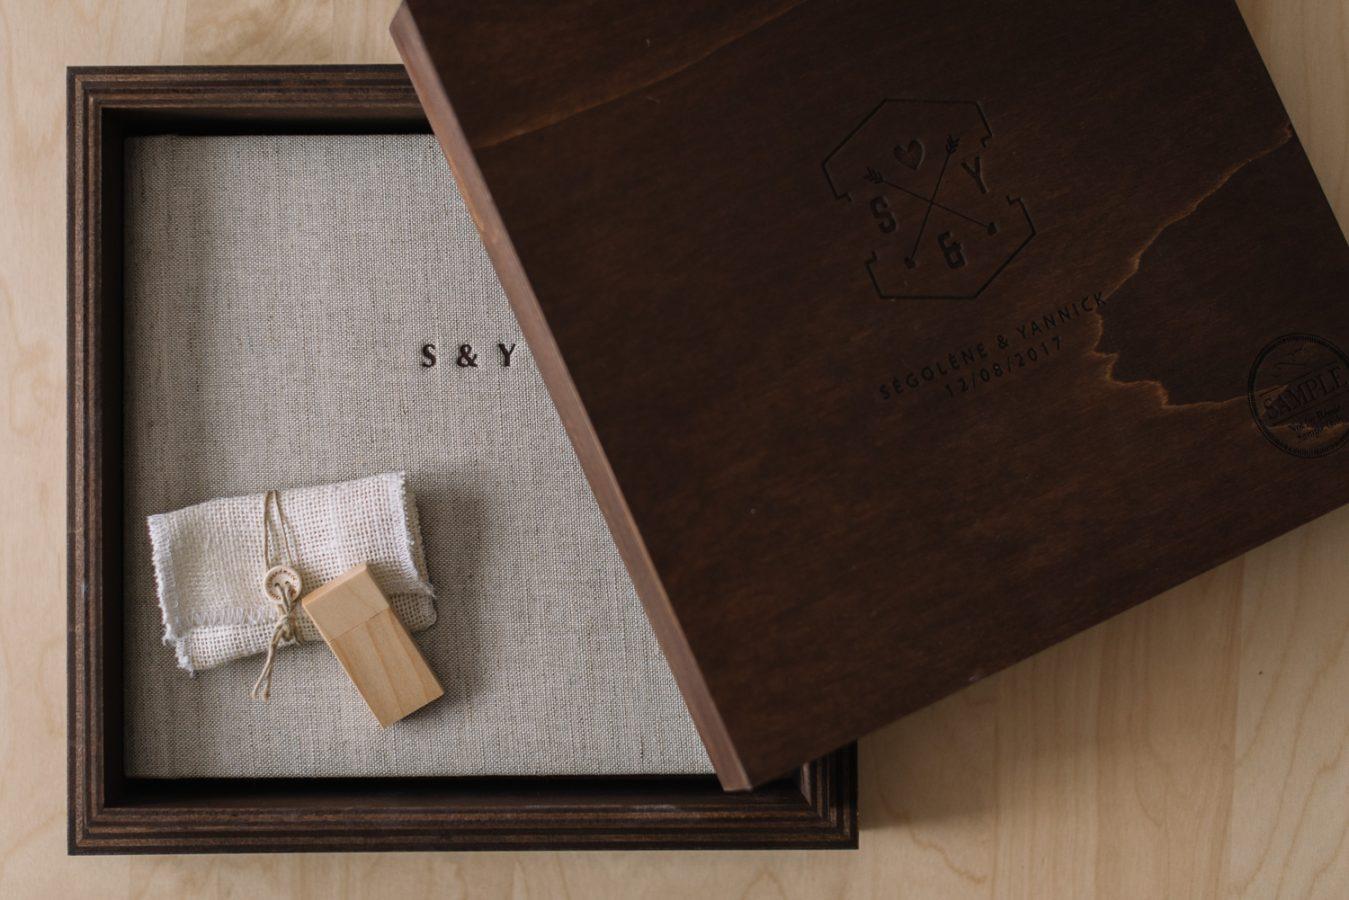 priscilliahervier-packaging-mariage-photographe-auvergne-france-rhonealpes-livrephoto-3